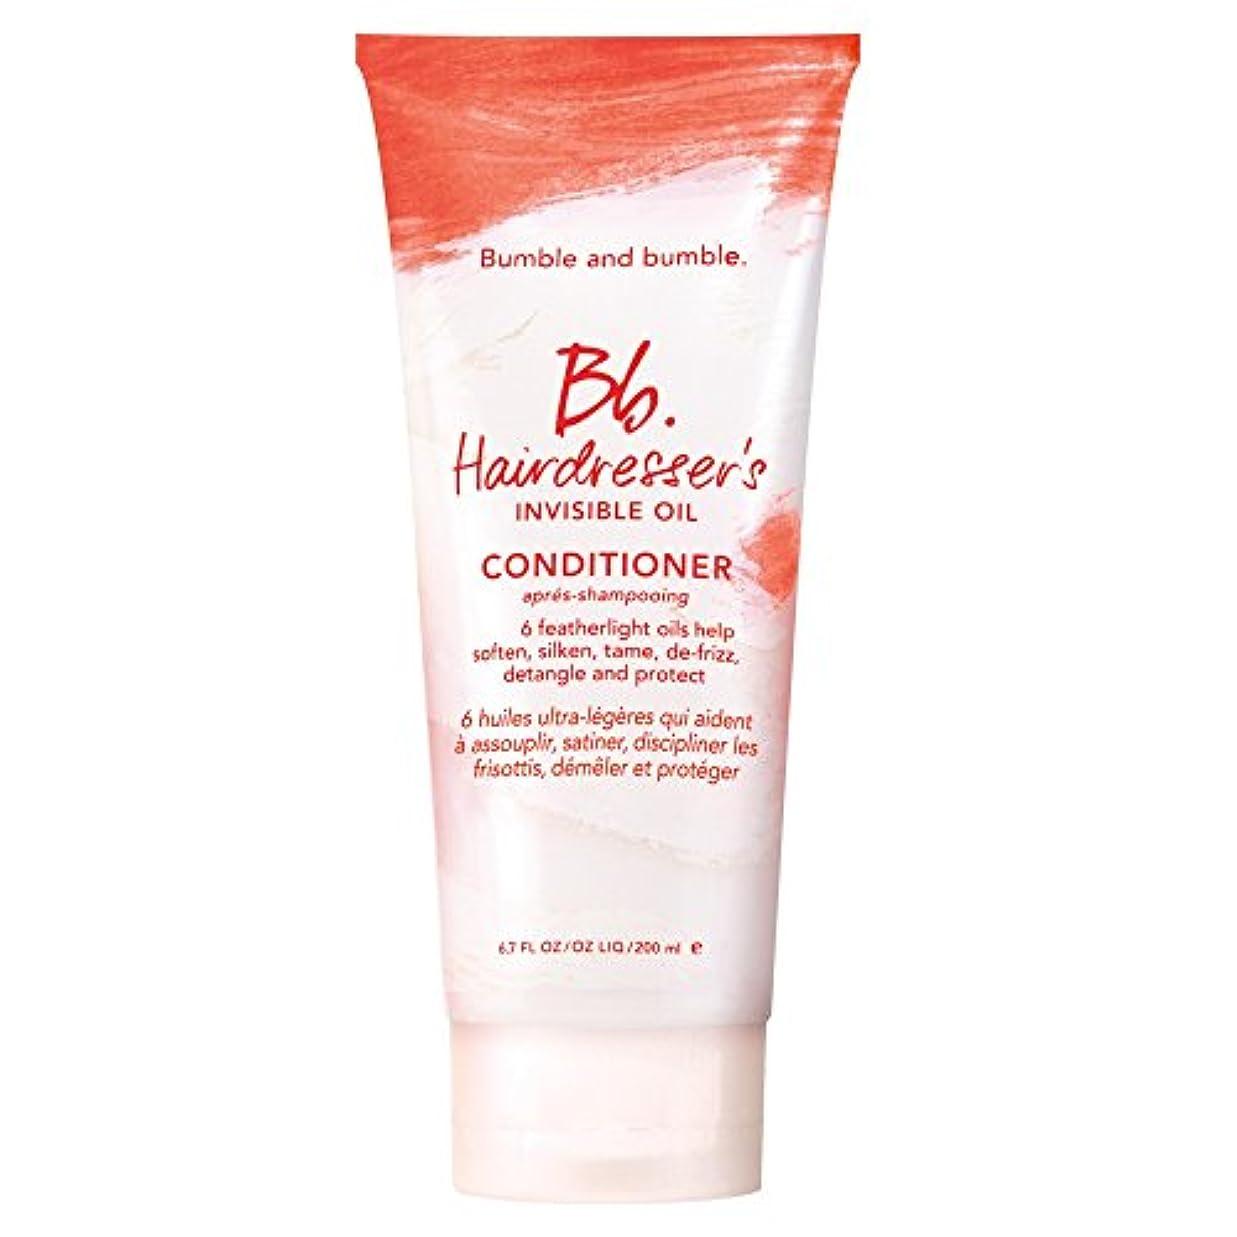 バッチ幻想キュービックバンブルアンドバンブル美容見えないオイルコンディショナー200ミリリットル (Bumble and bumble) - Bumble and bumble Hairdressers invisible oil conditioner...